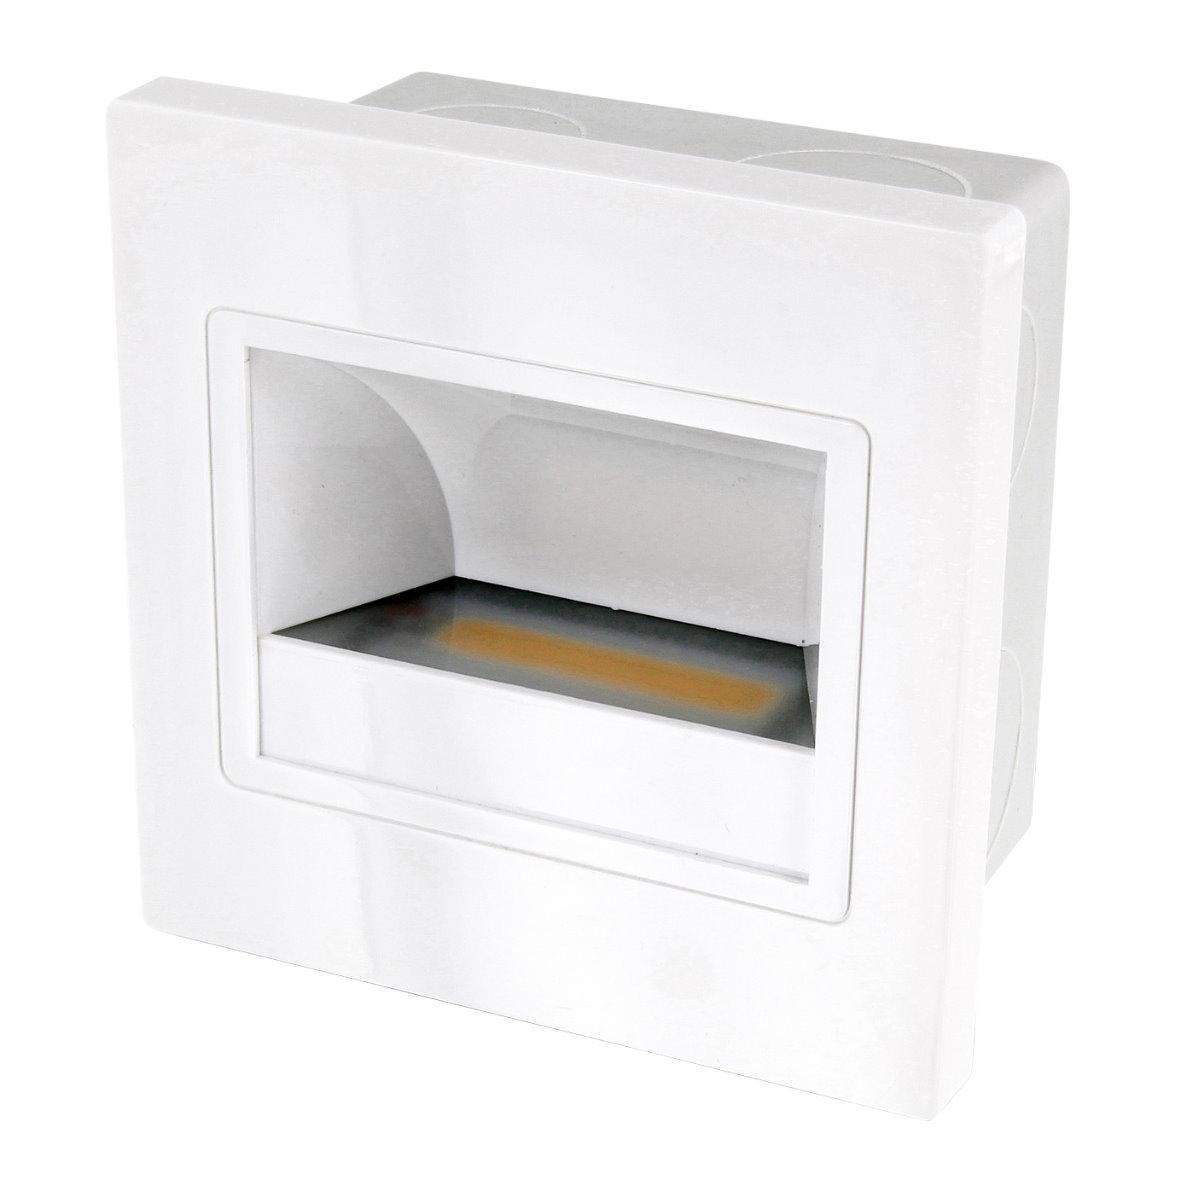 led cob wandeinbauleuchte 230v up dose einbauspot treppenlicht einbau leuchte. Black Bedroom Furniture Sets. Home Design Ideas